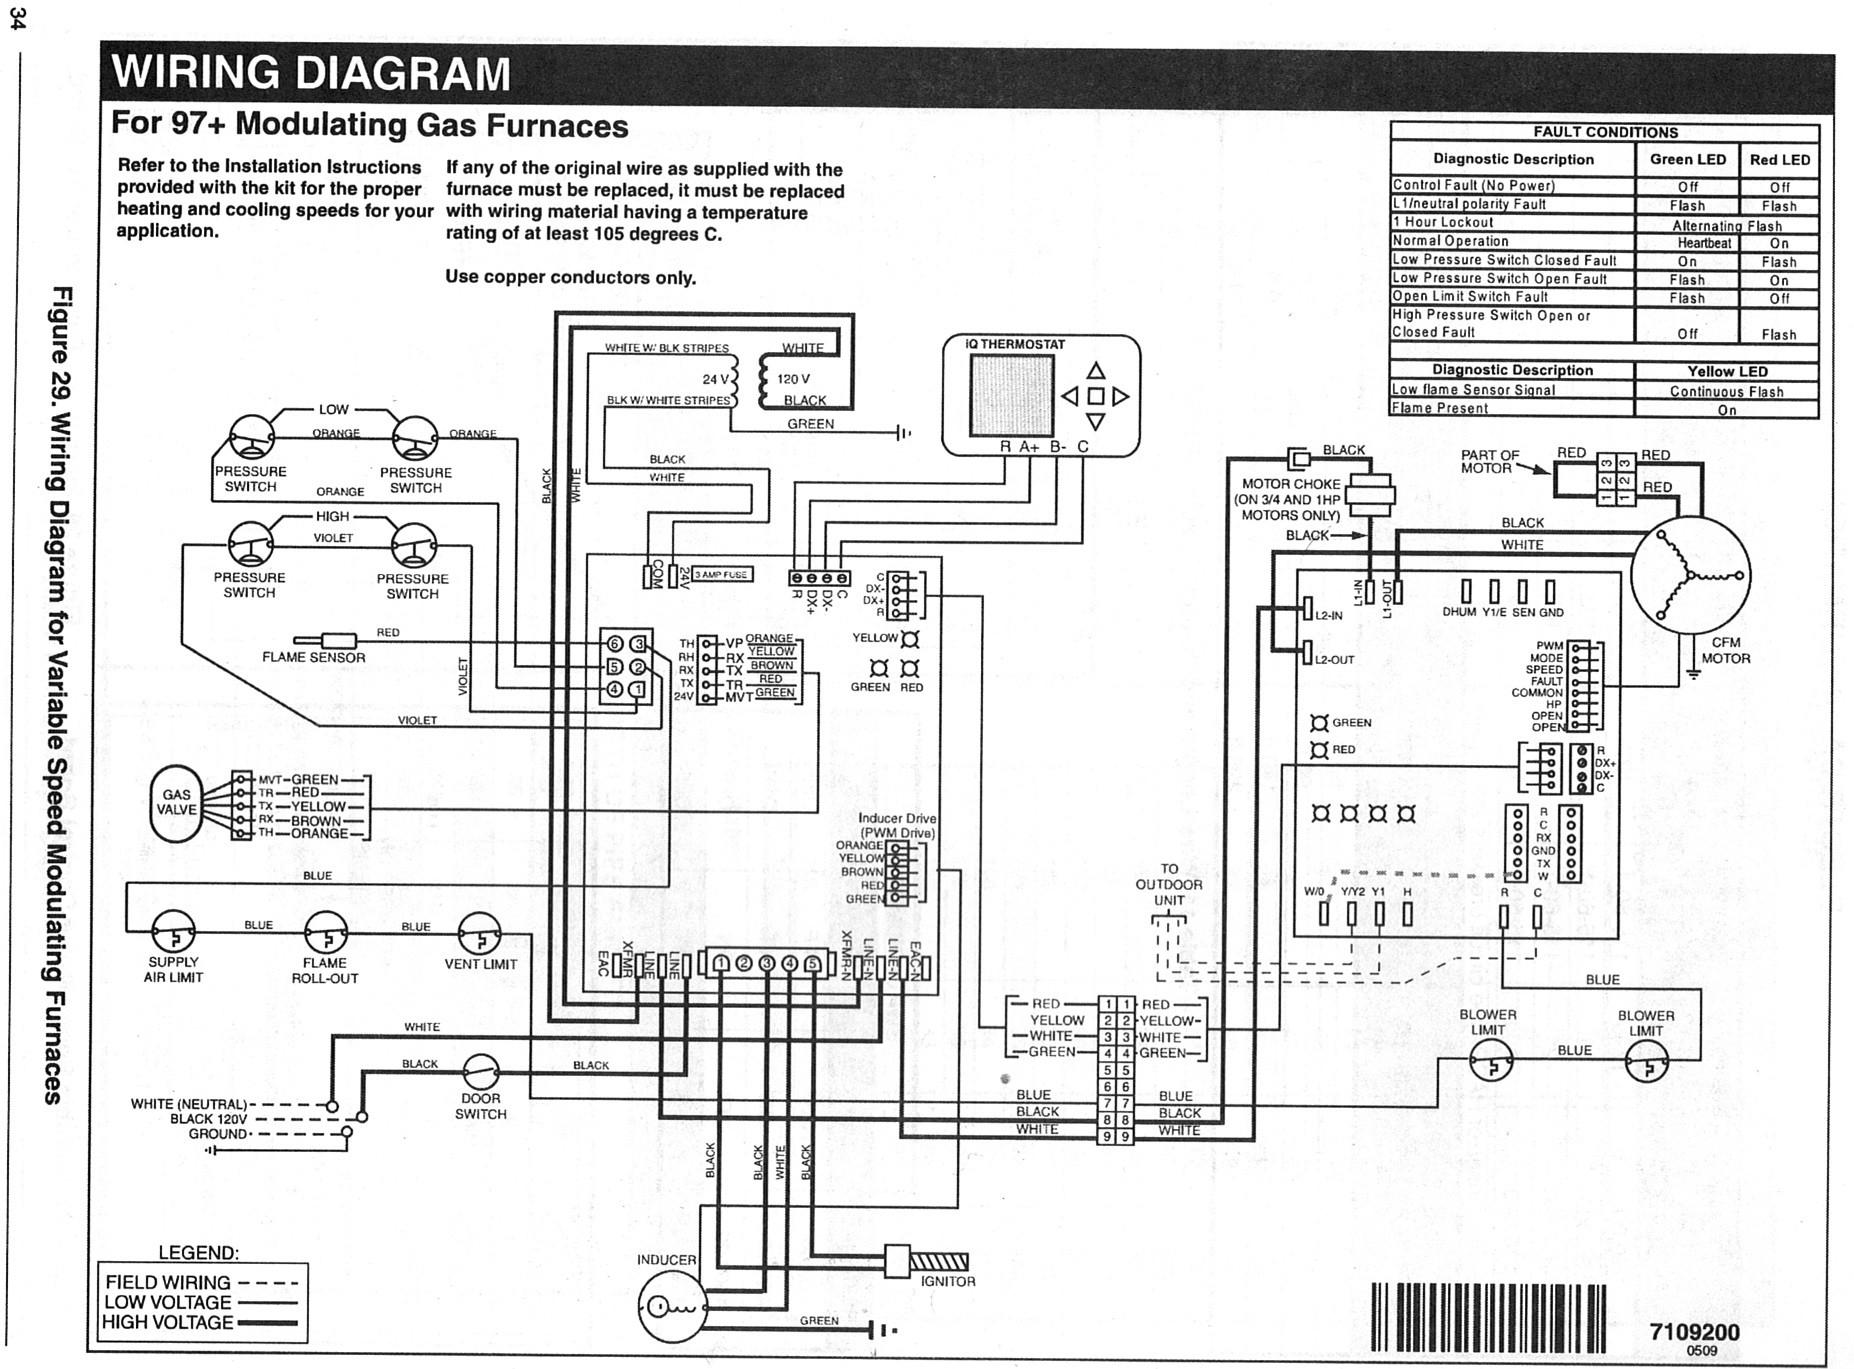 ruud urgg schematic wire center u2022 rh 45 76 79 178